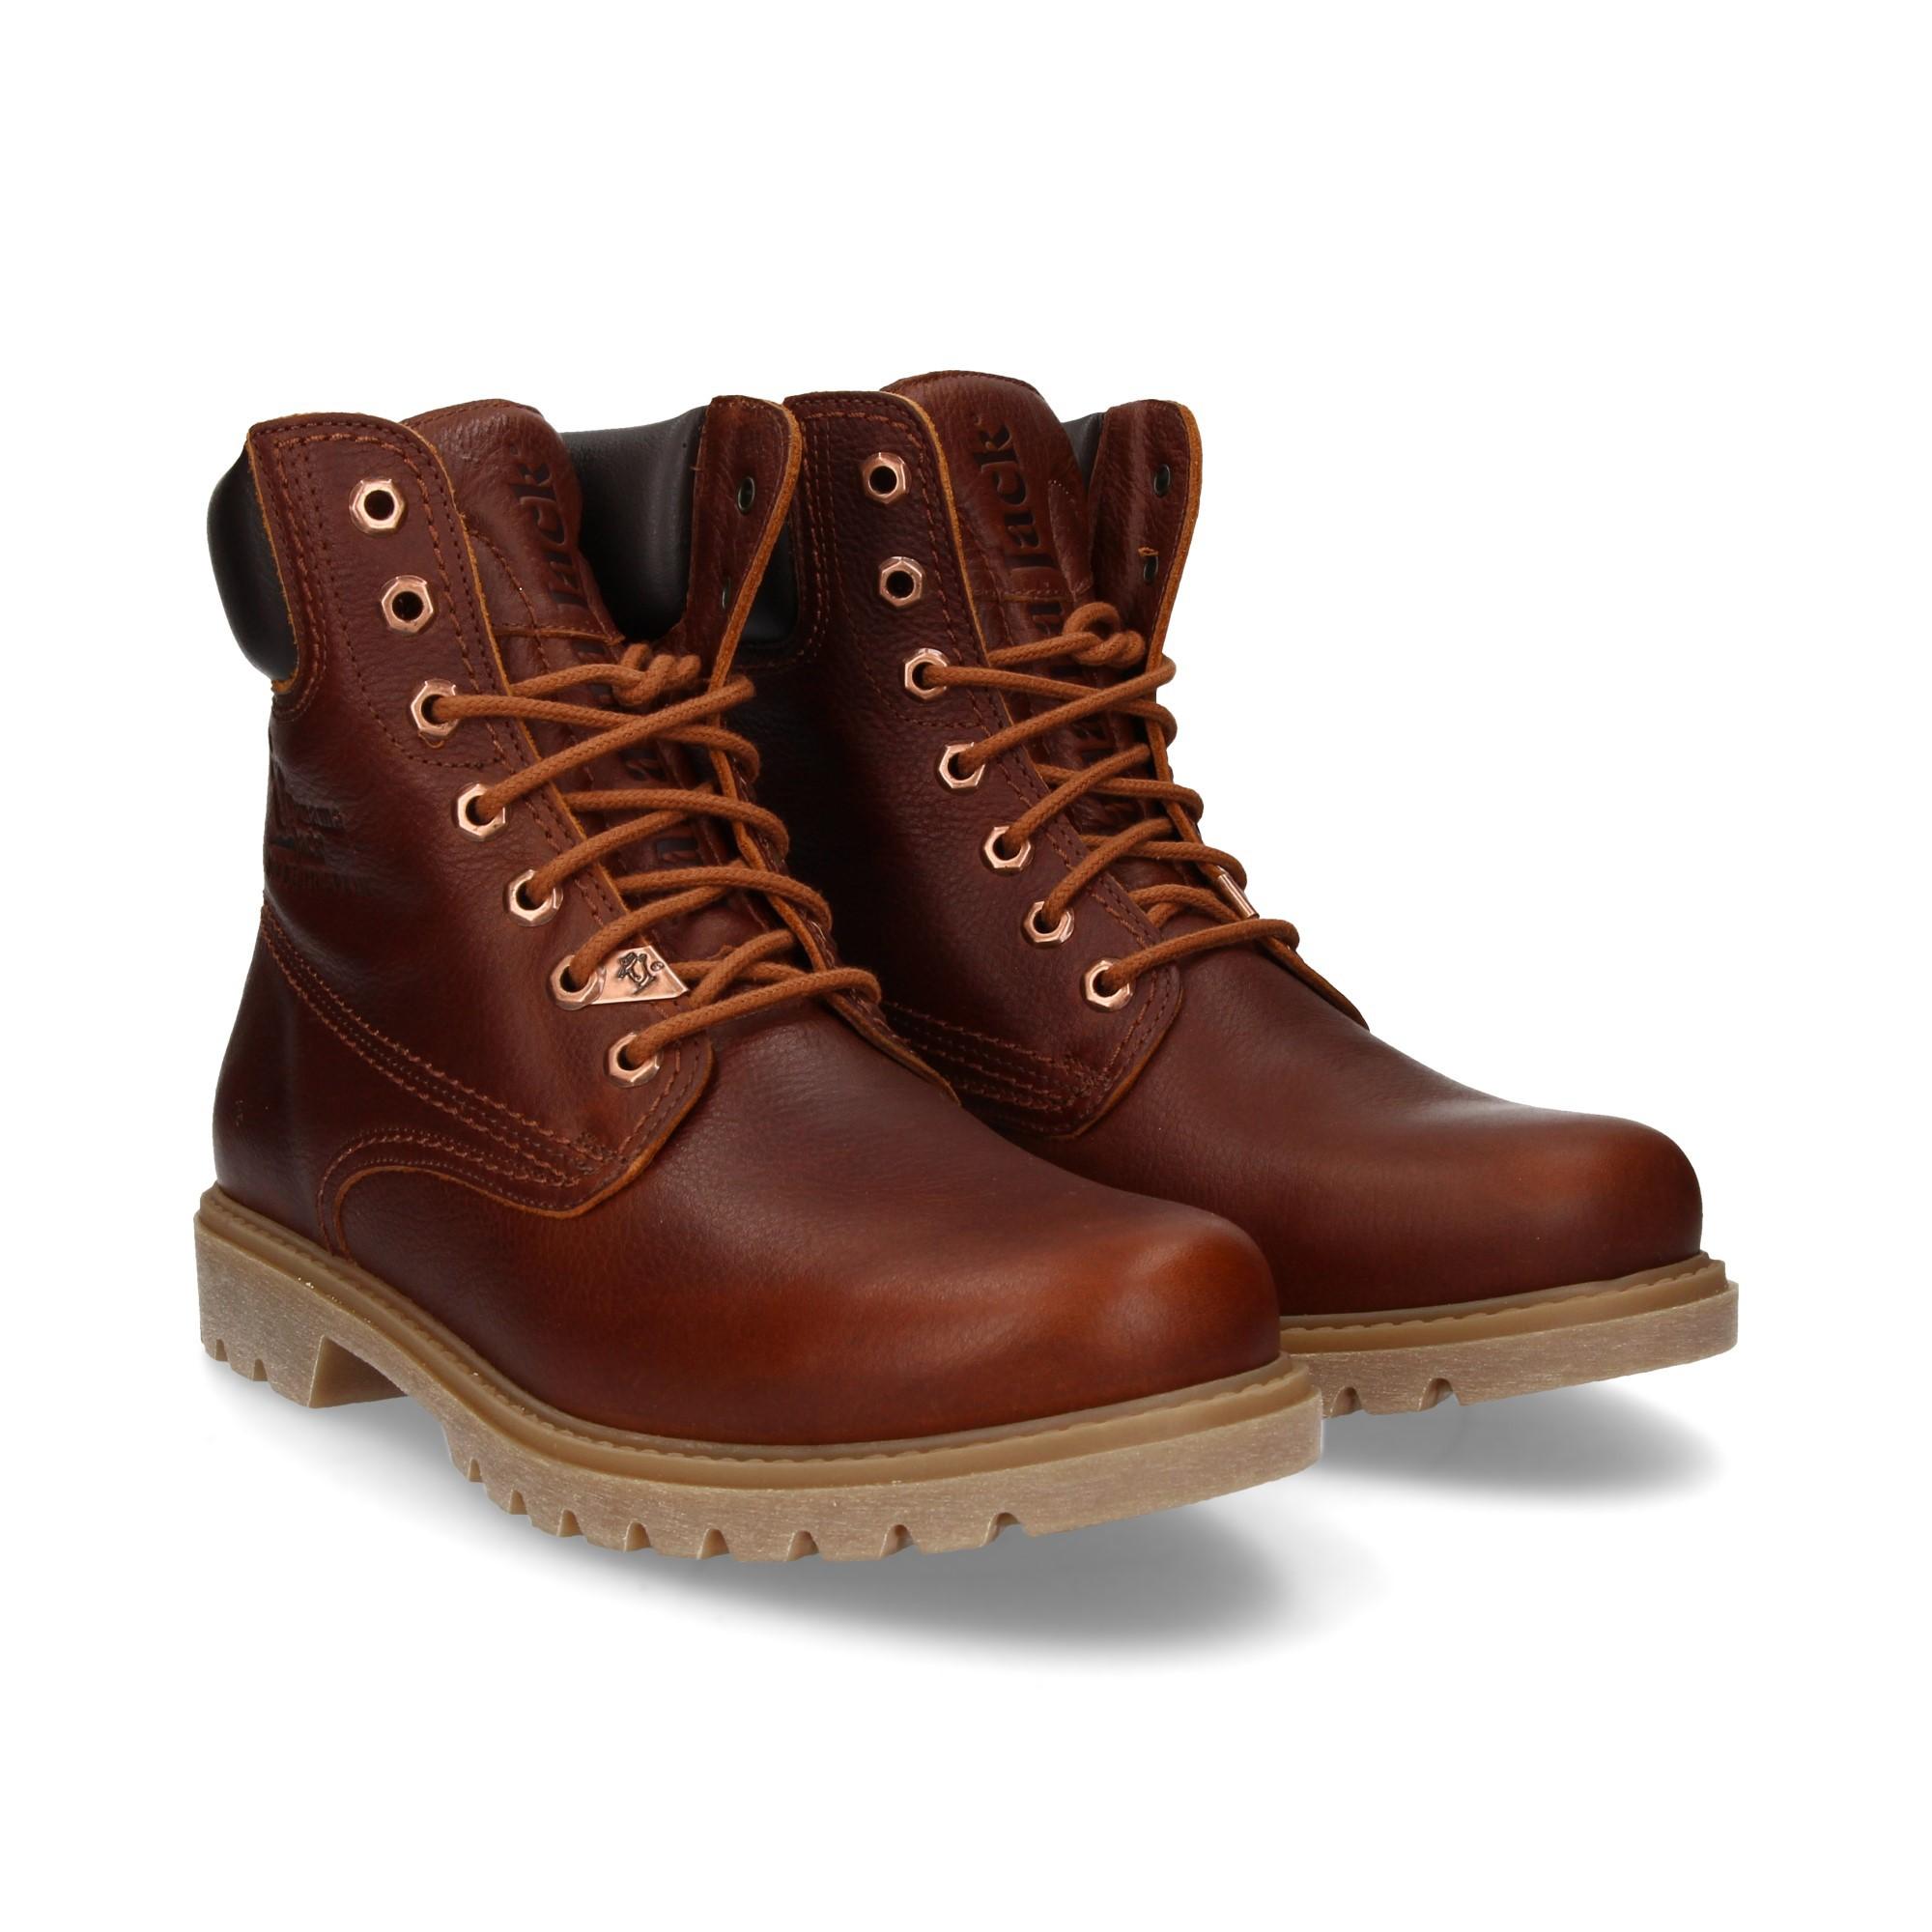 5e1345e429a77f PANAMA JACK Herren Ankle Boots PANAMA03 C51 NAPA G. CUE